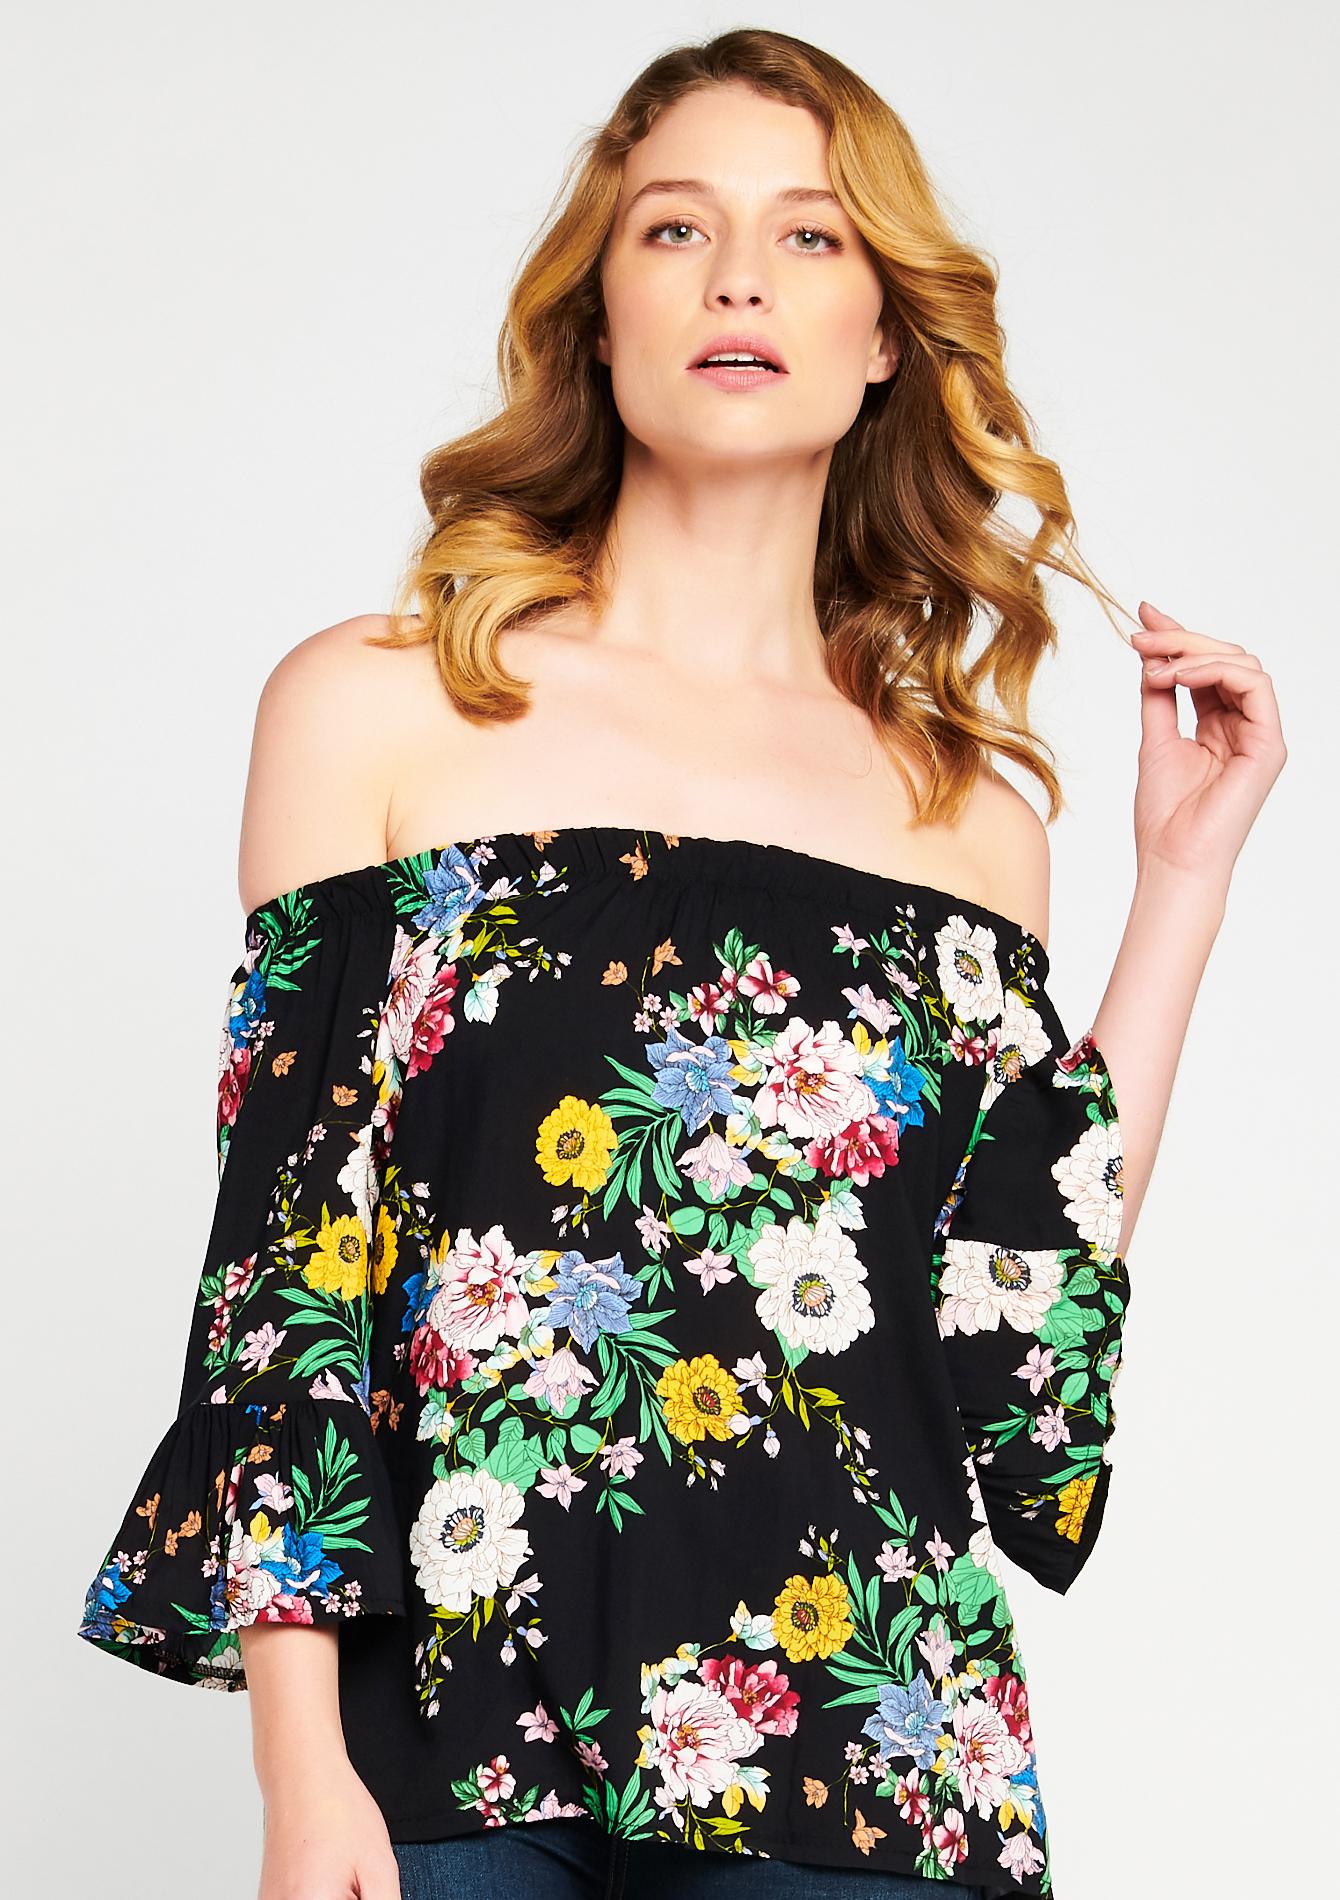 Blouse met open schouders, bloemenprint